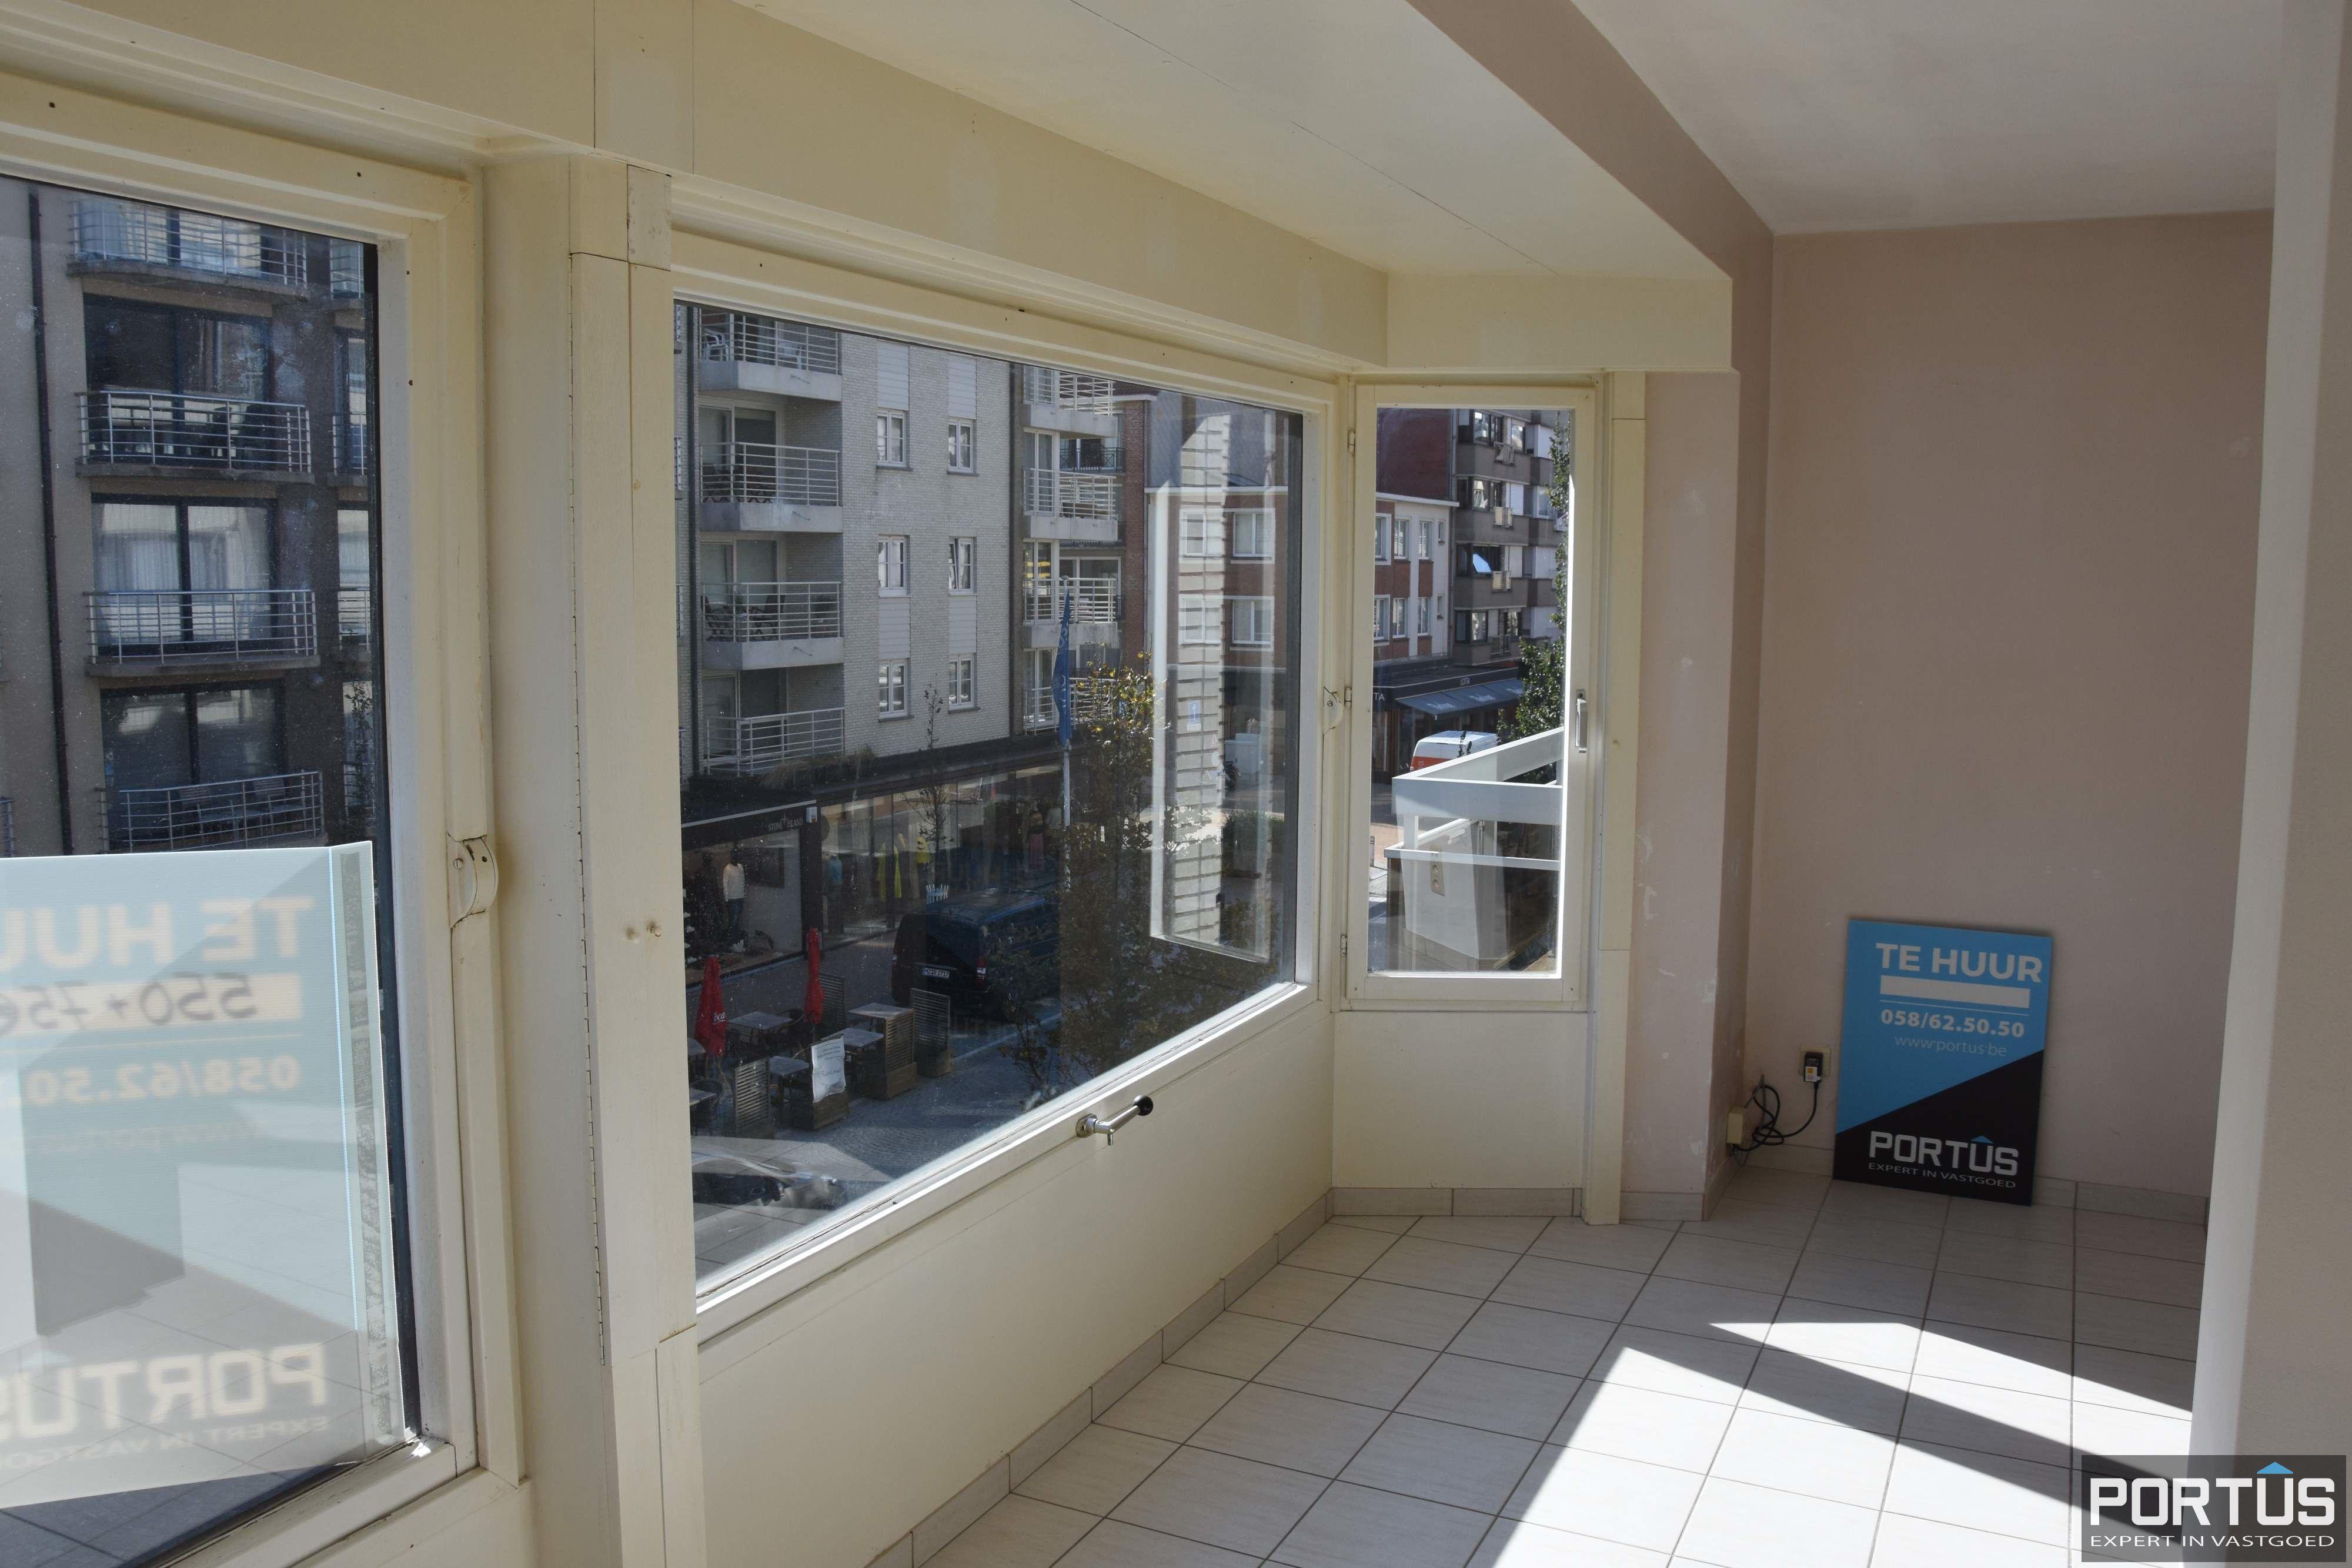 Appartement te huur Nieuwpoort - 8874